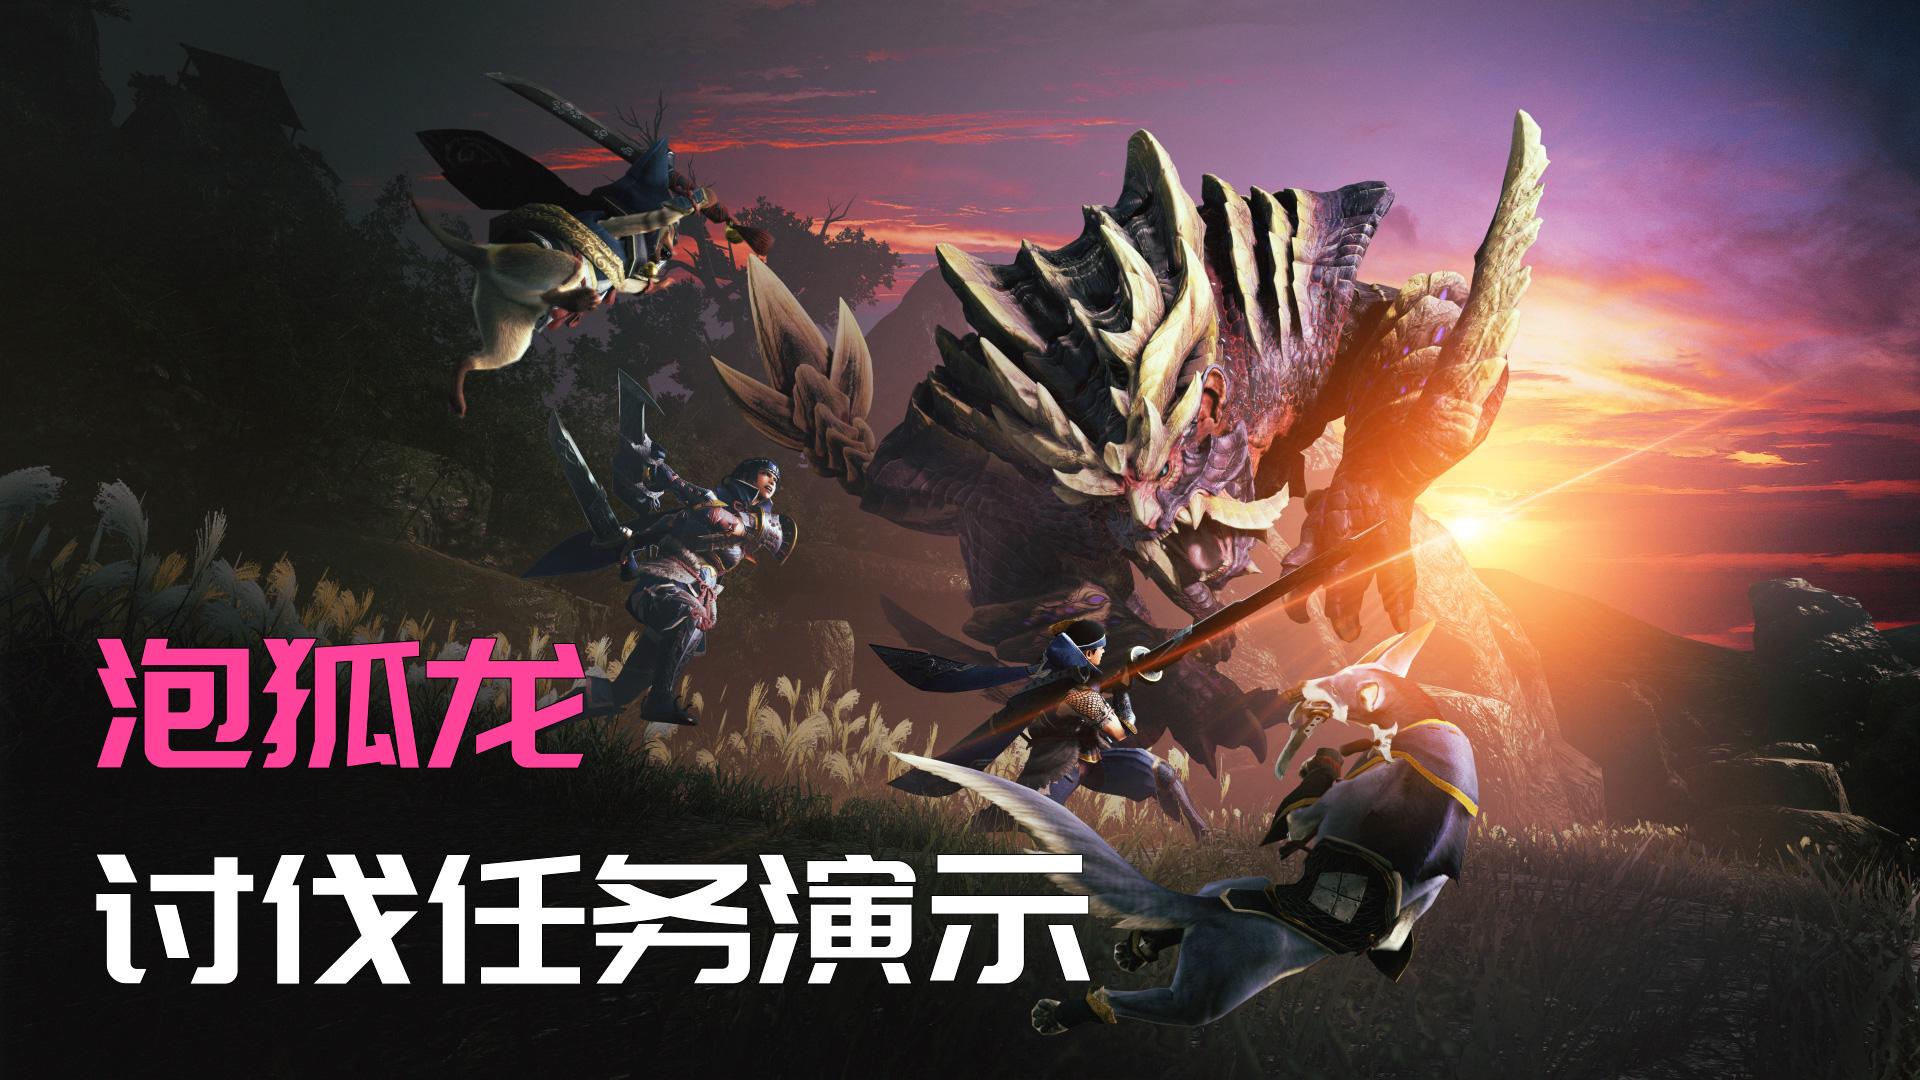 《怪物猎人 崛起》试玩版泡狐龙合作讨伐演示【UCG抢先试玩】